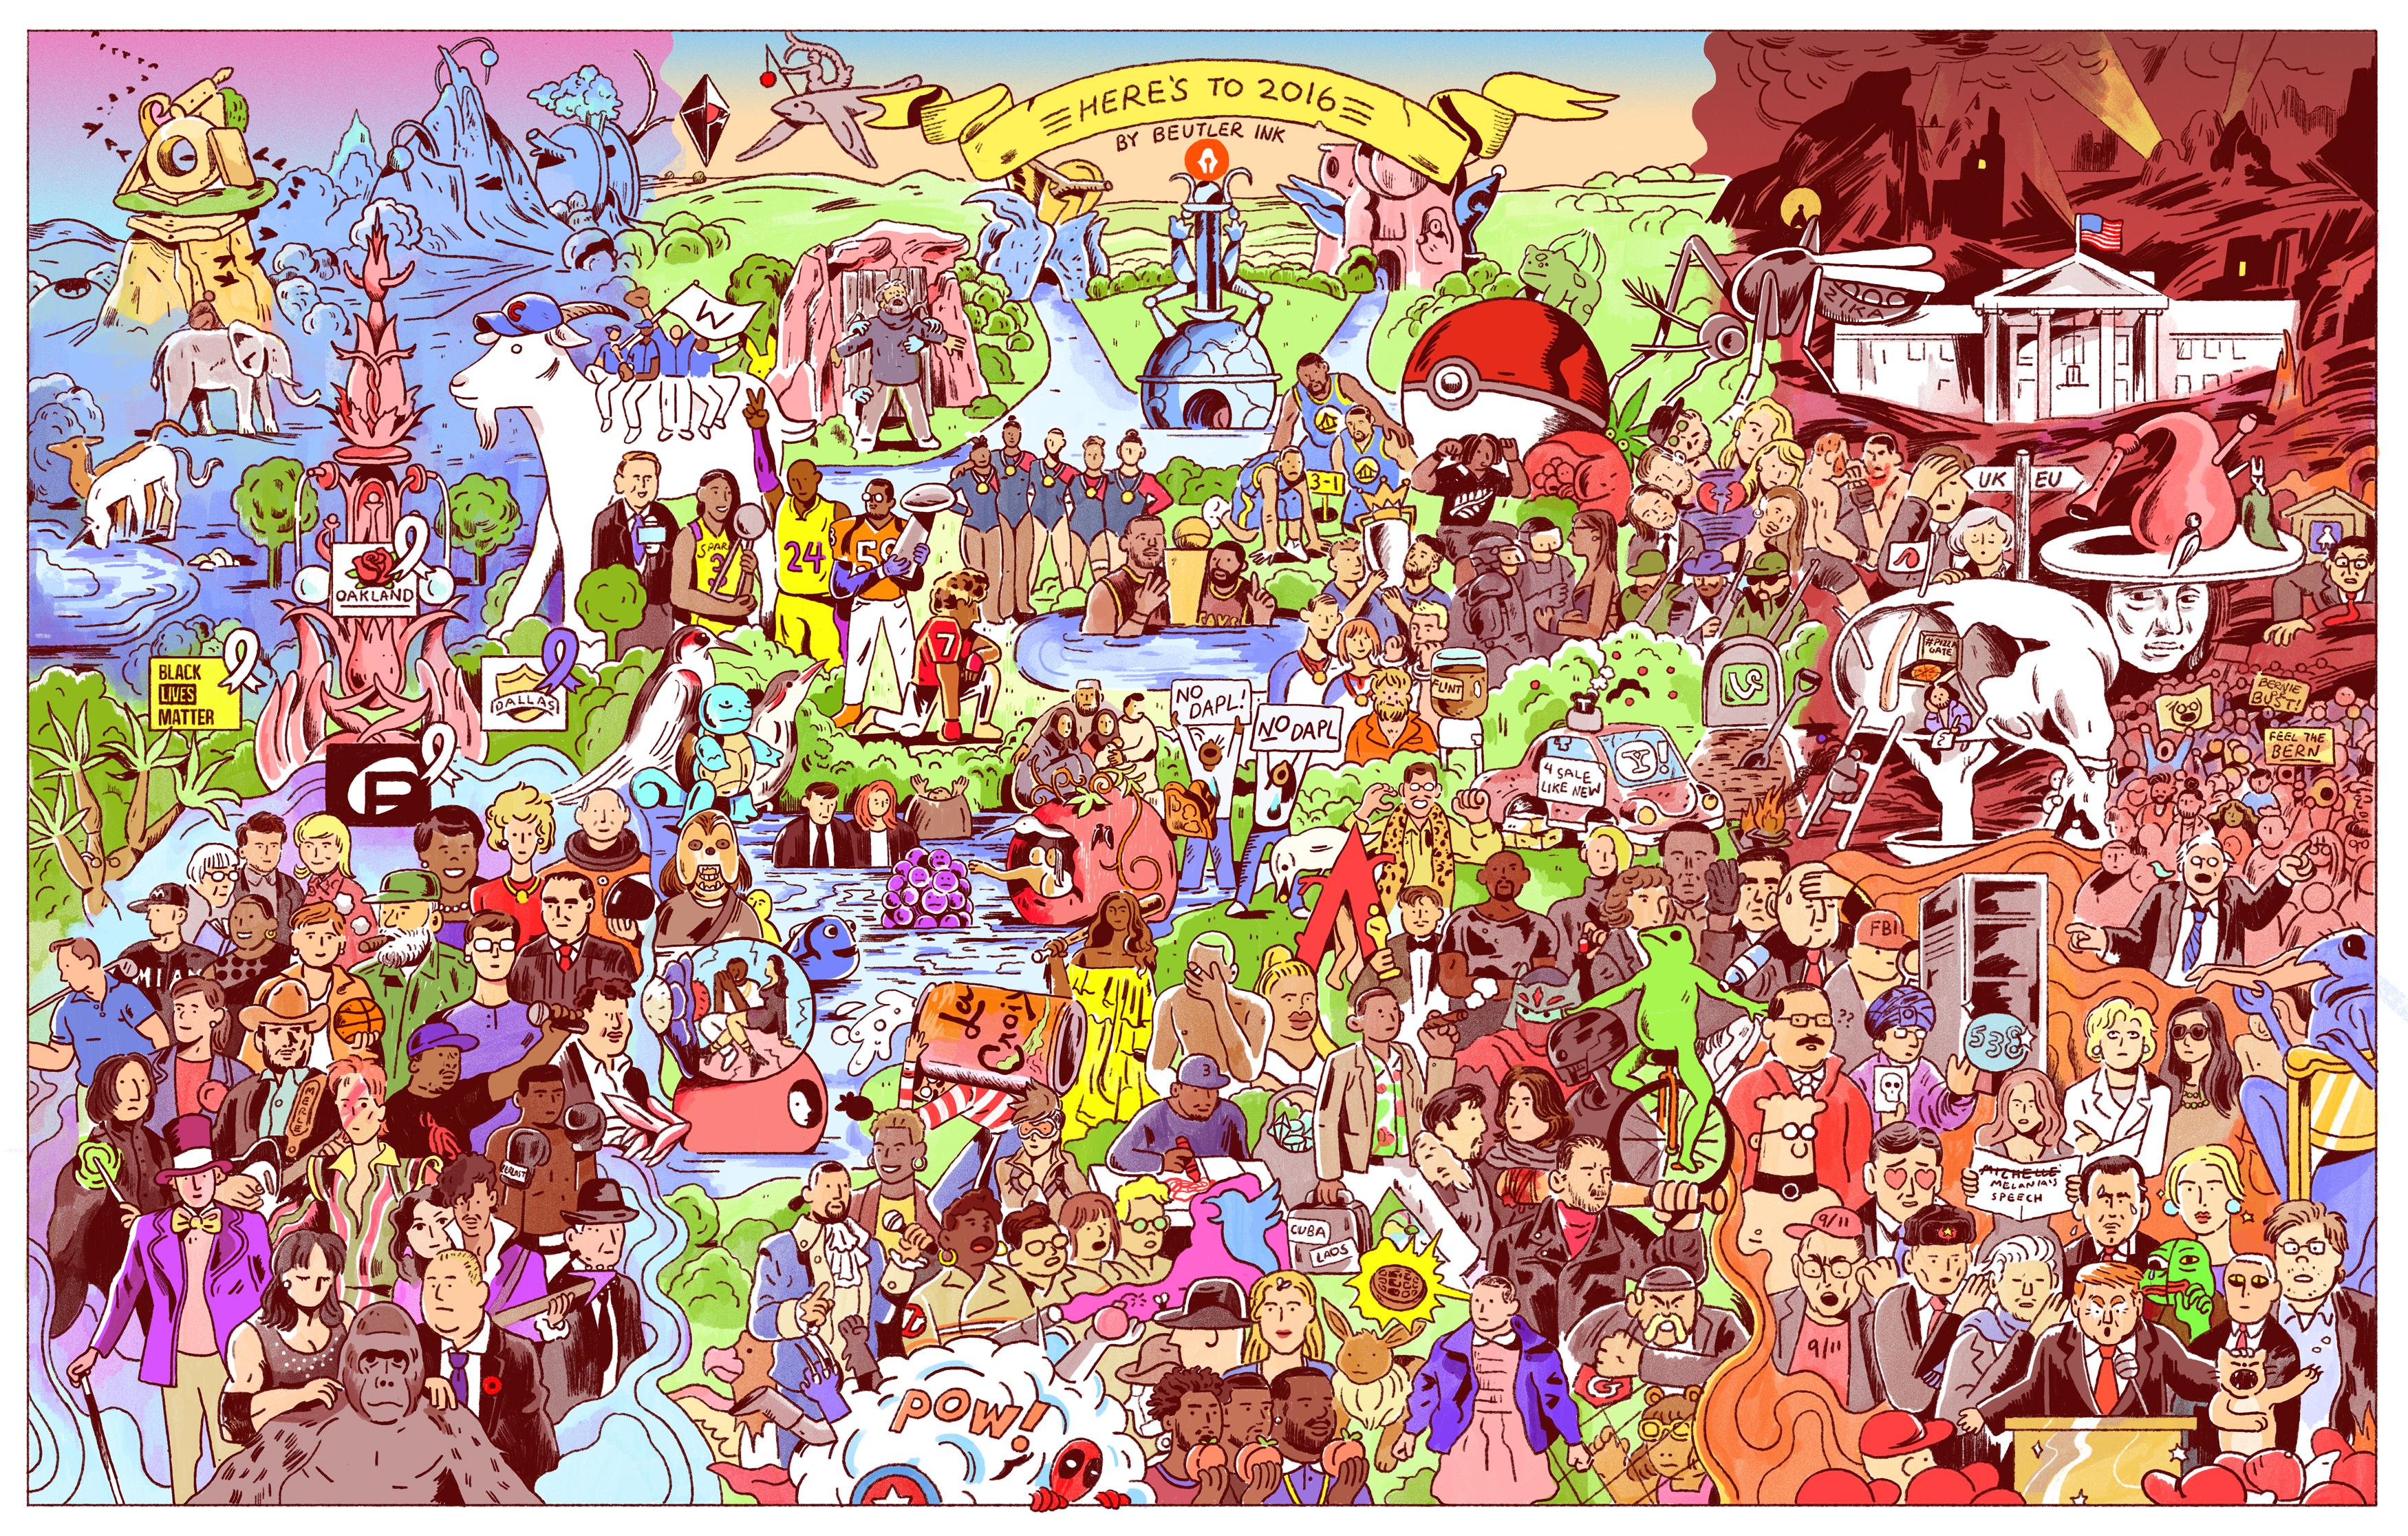 BeutlerInk_Heresto2016 127 choses qui se sont passées en 2016 en une seule image !